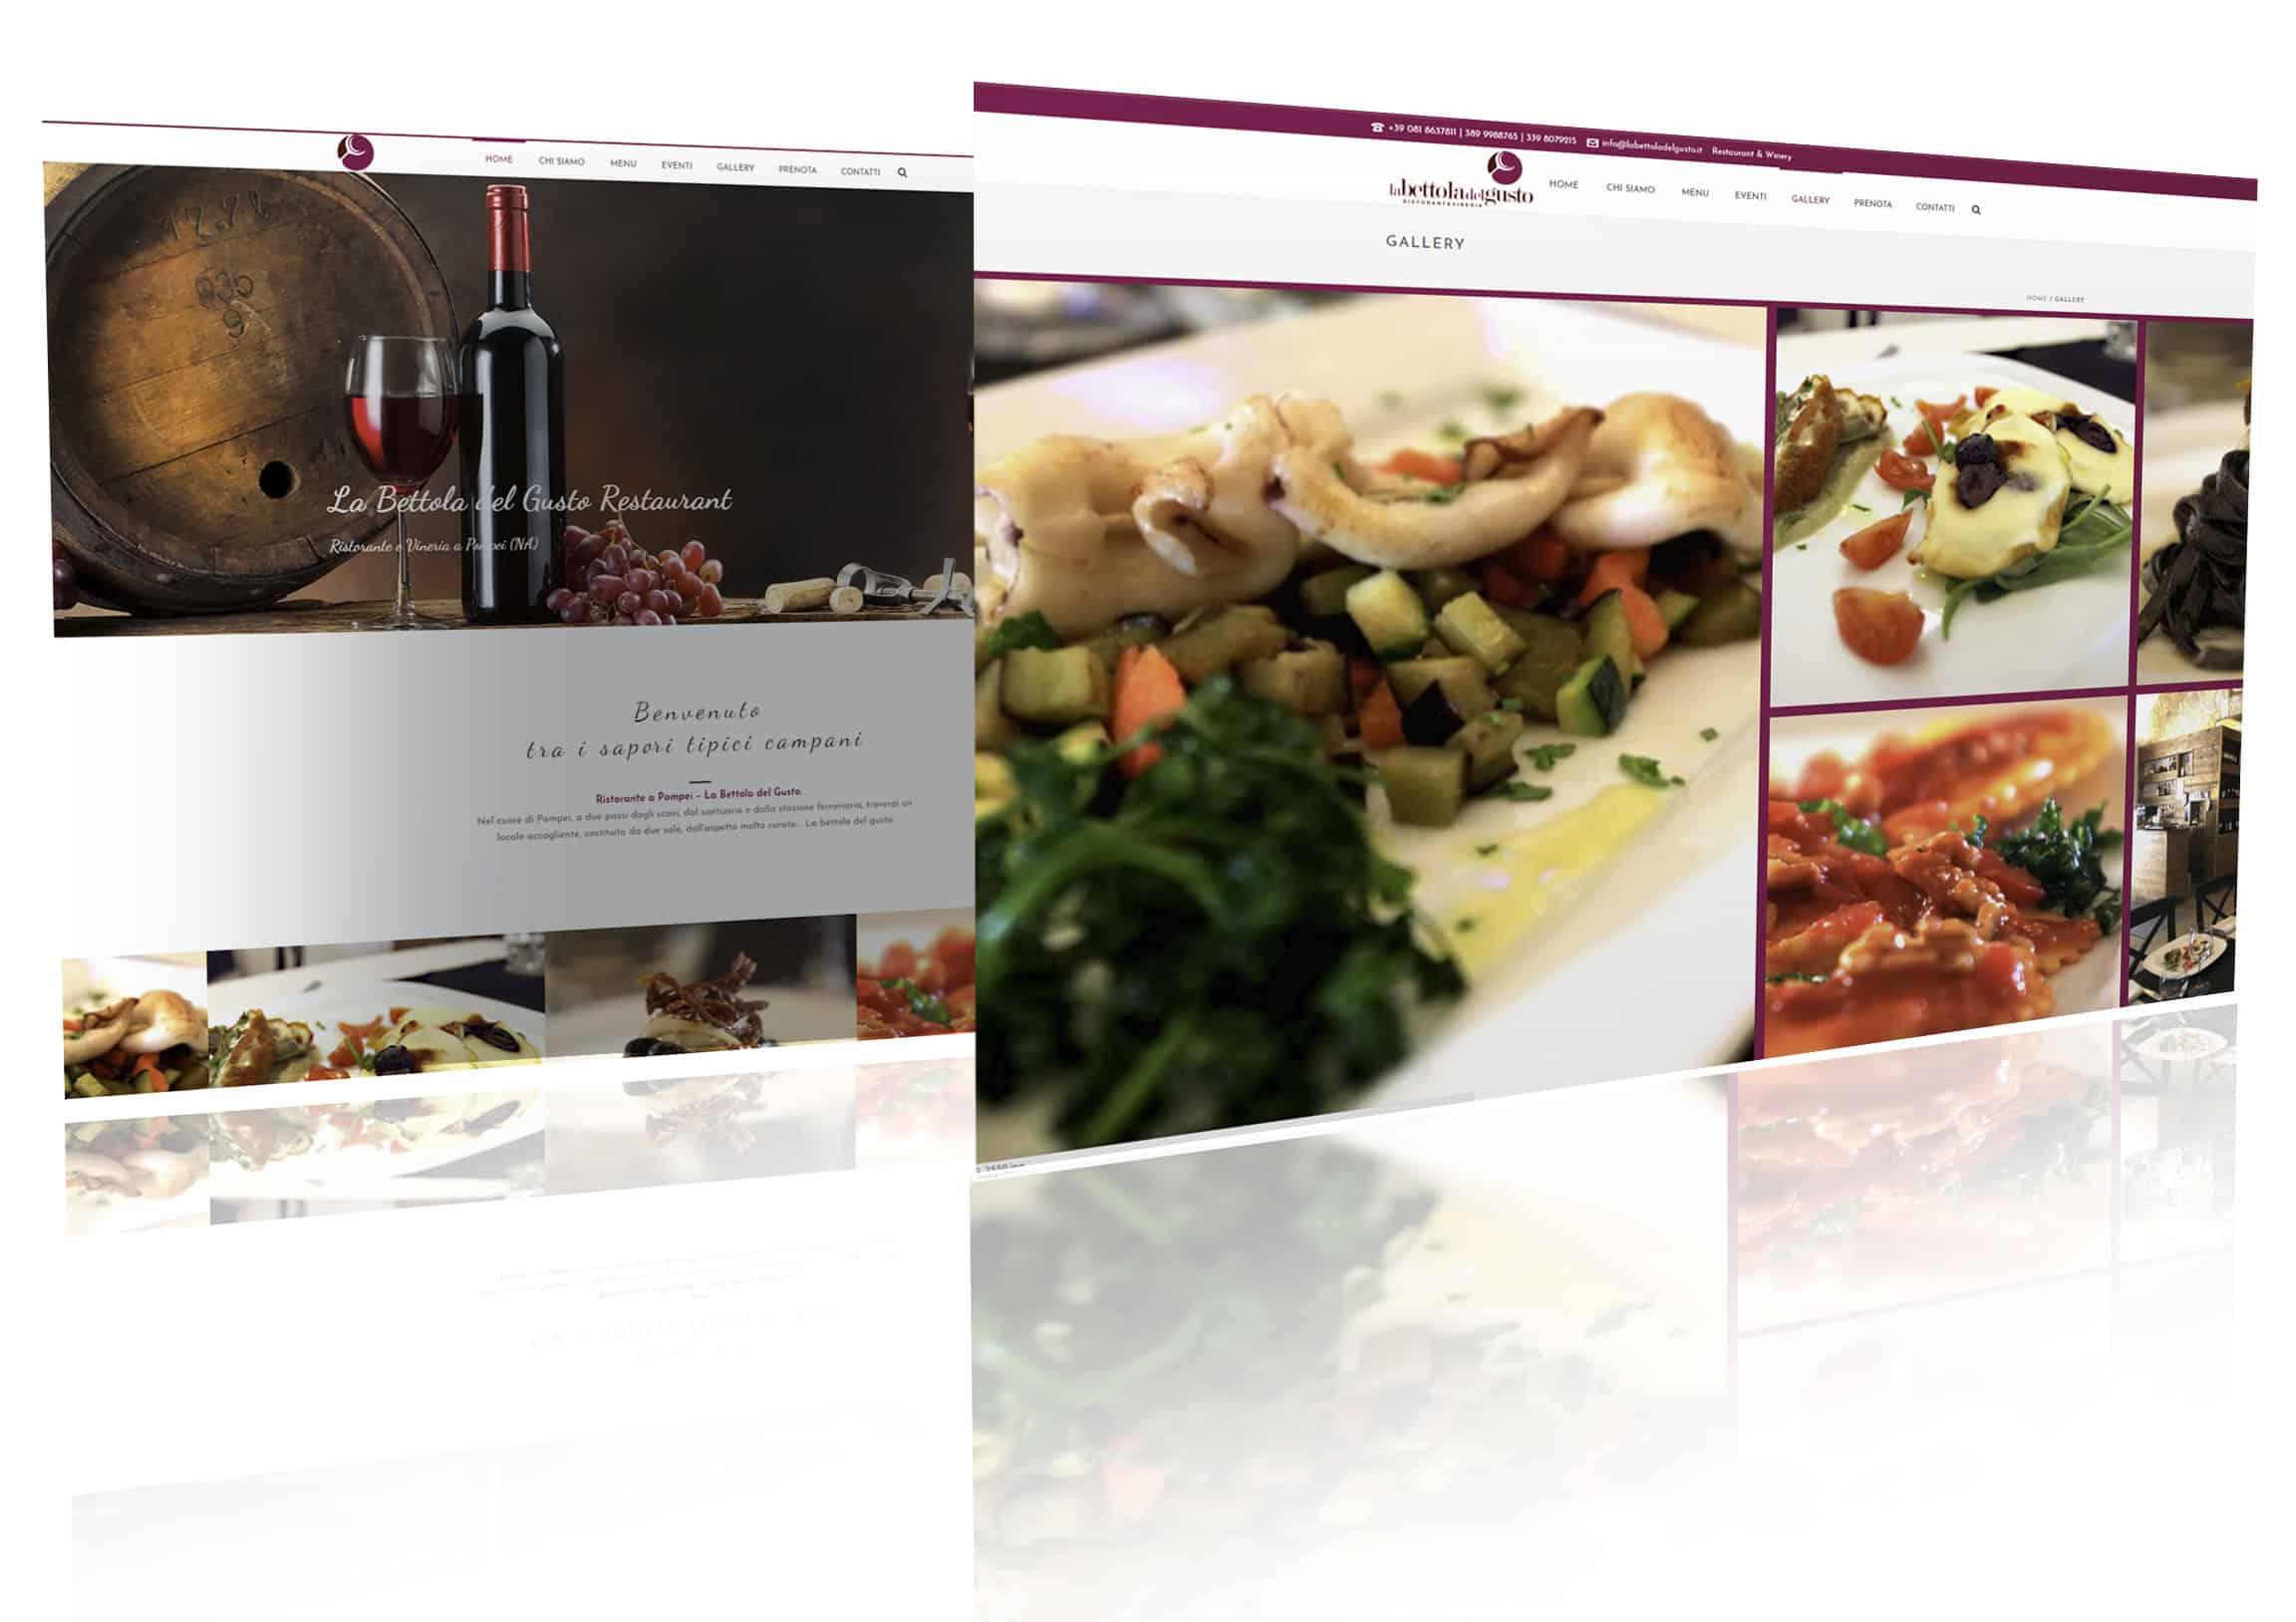 ristoranti siti web - Siti web per Ristoranti, Pub, Winebar - Web Agency Napoli Flashex